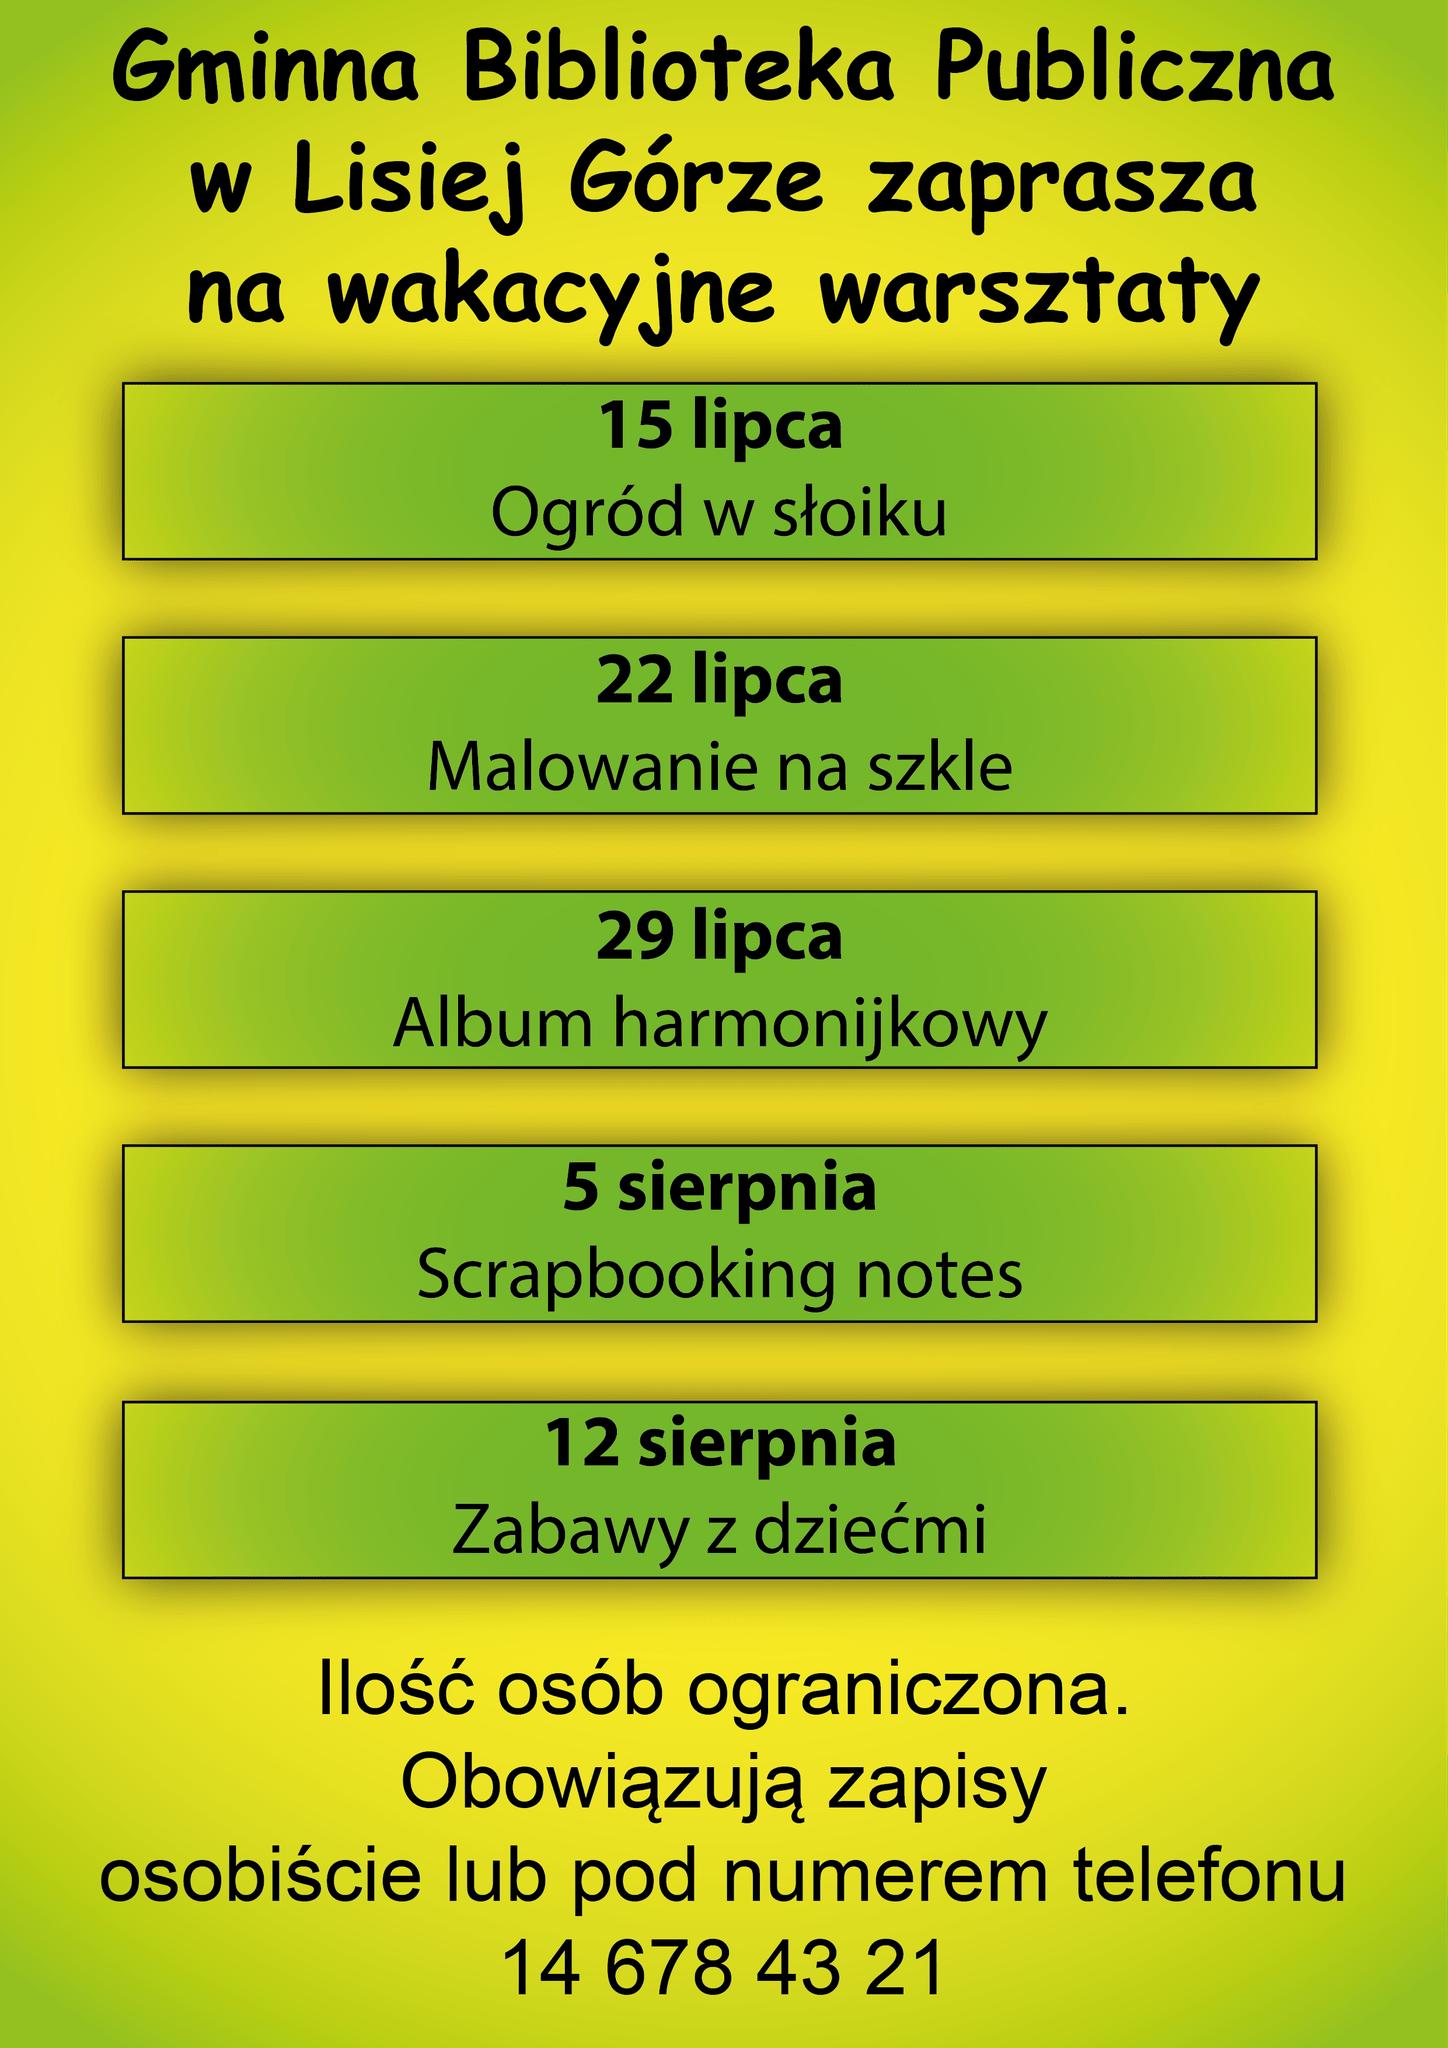 informacje dotyczące zajęć organizowanych w bibliotece w czasie wakacji